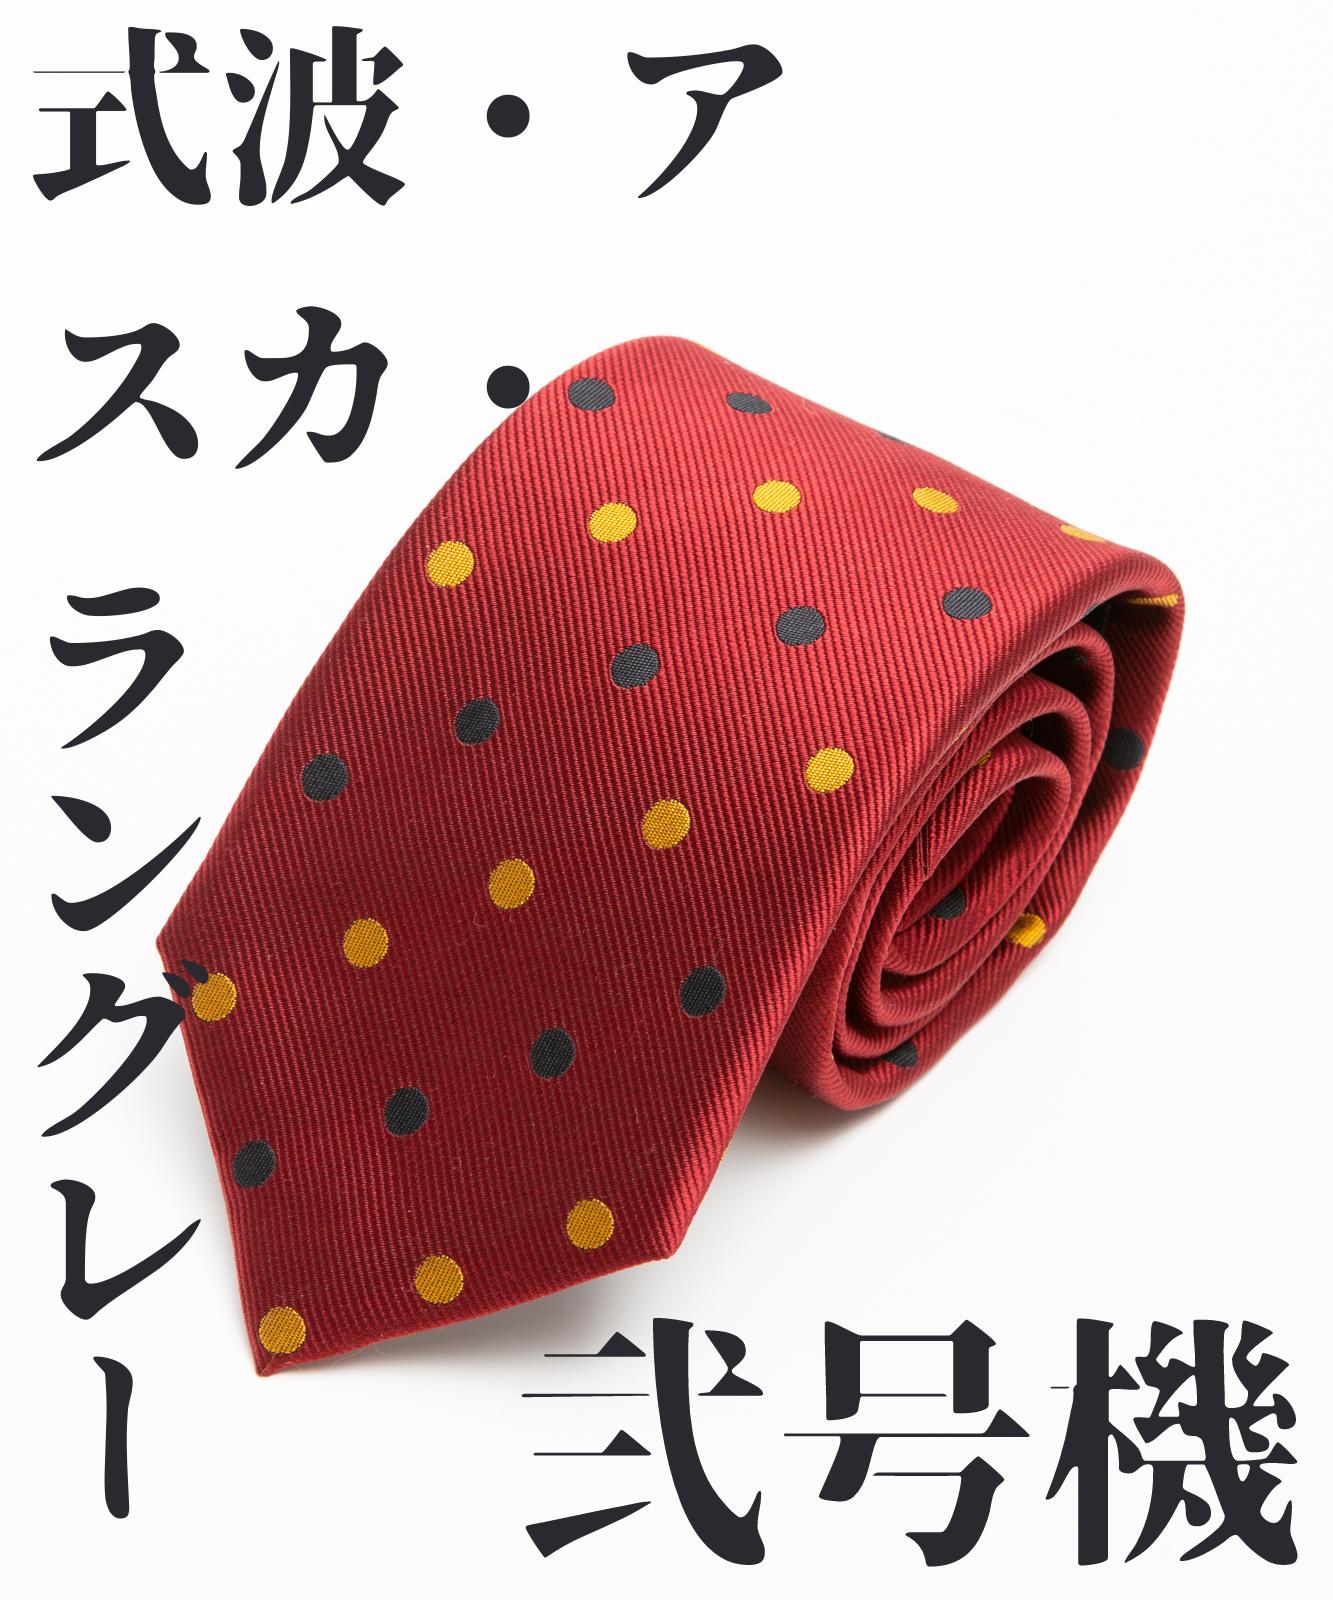 エヴァンゲリオン ドット【2号機 式波・アスカ・ラングレー】